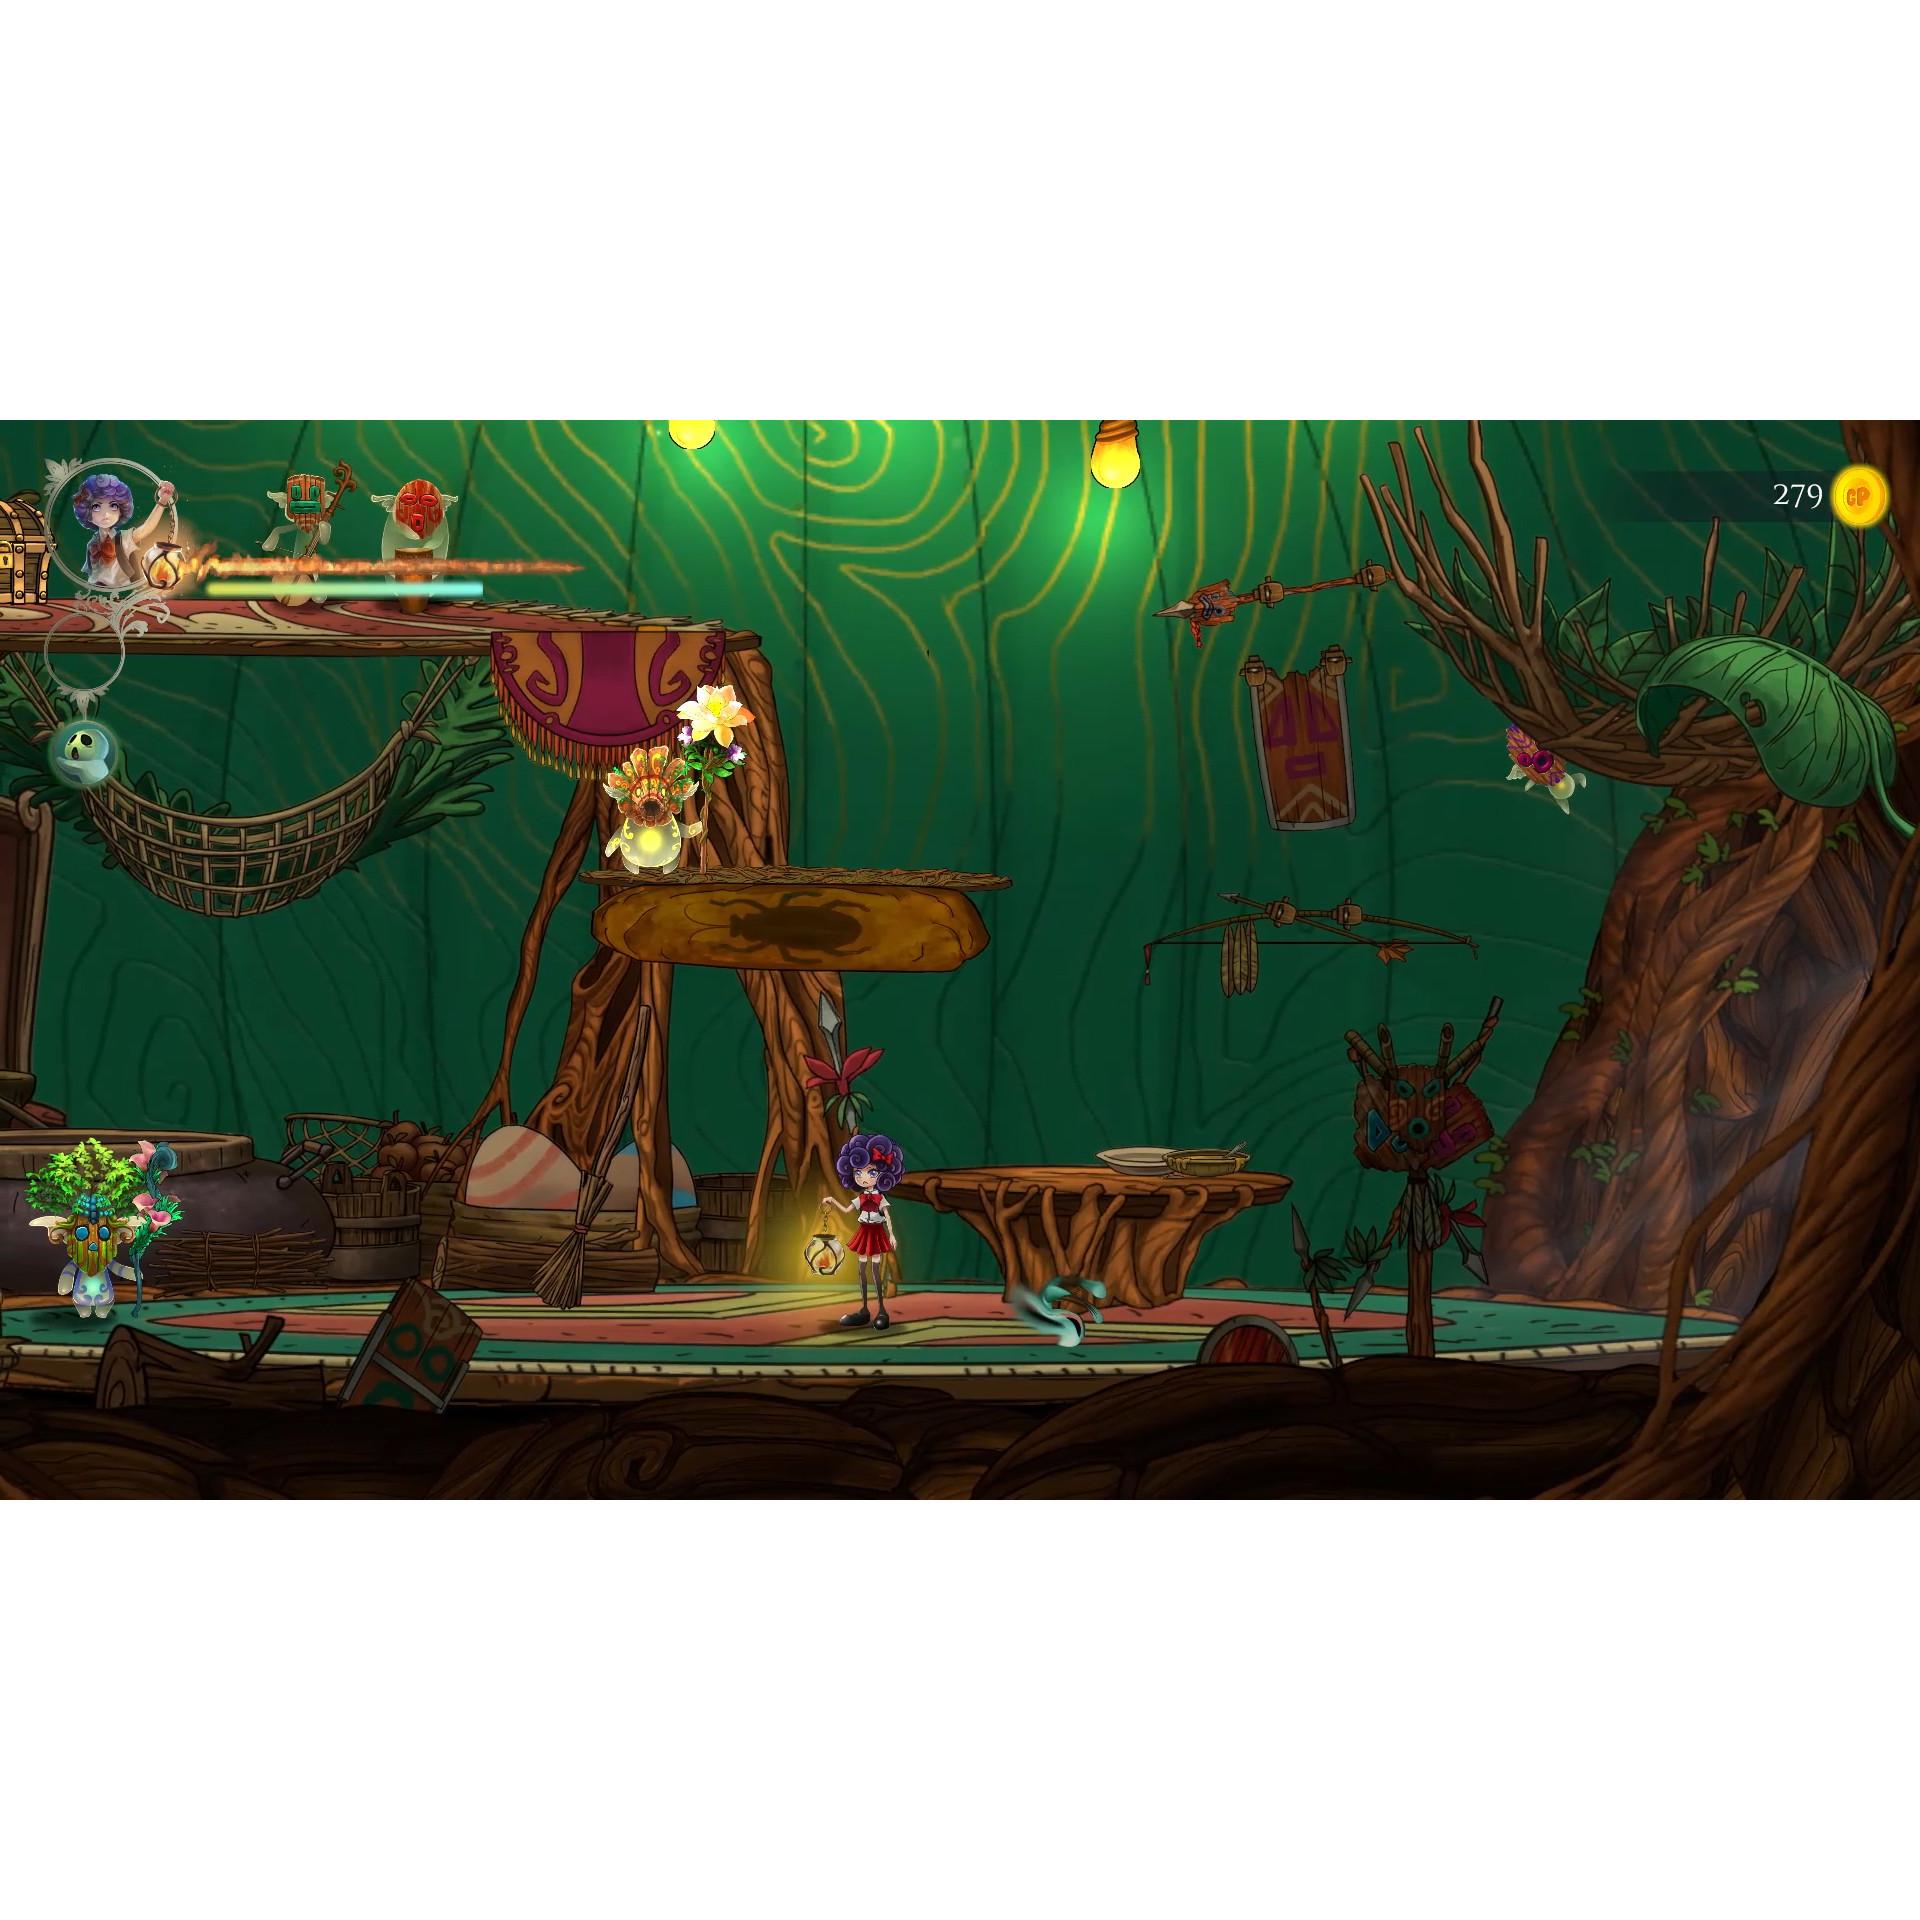 Joc Ghost Parade Pentru Nintendo Switch 2